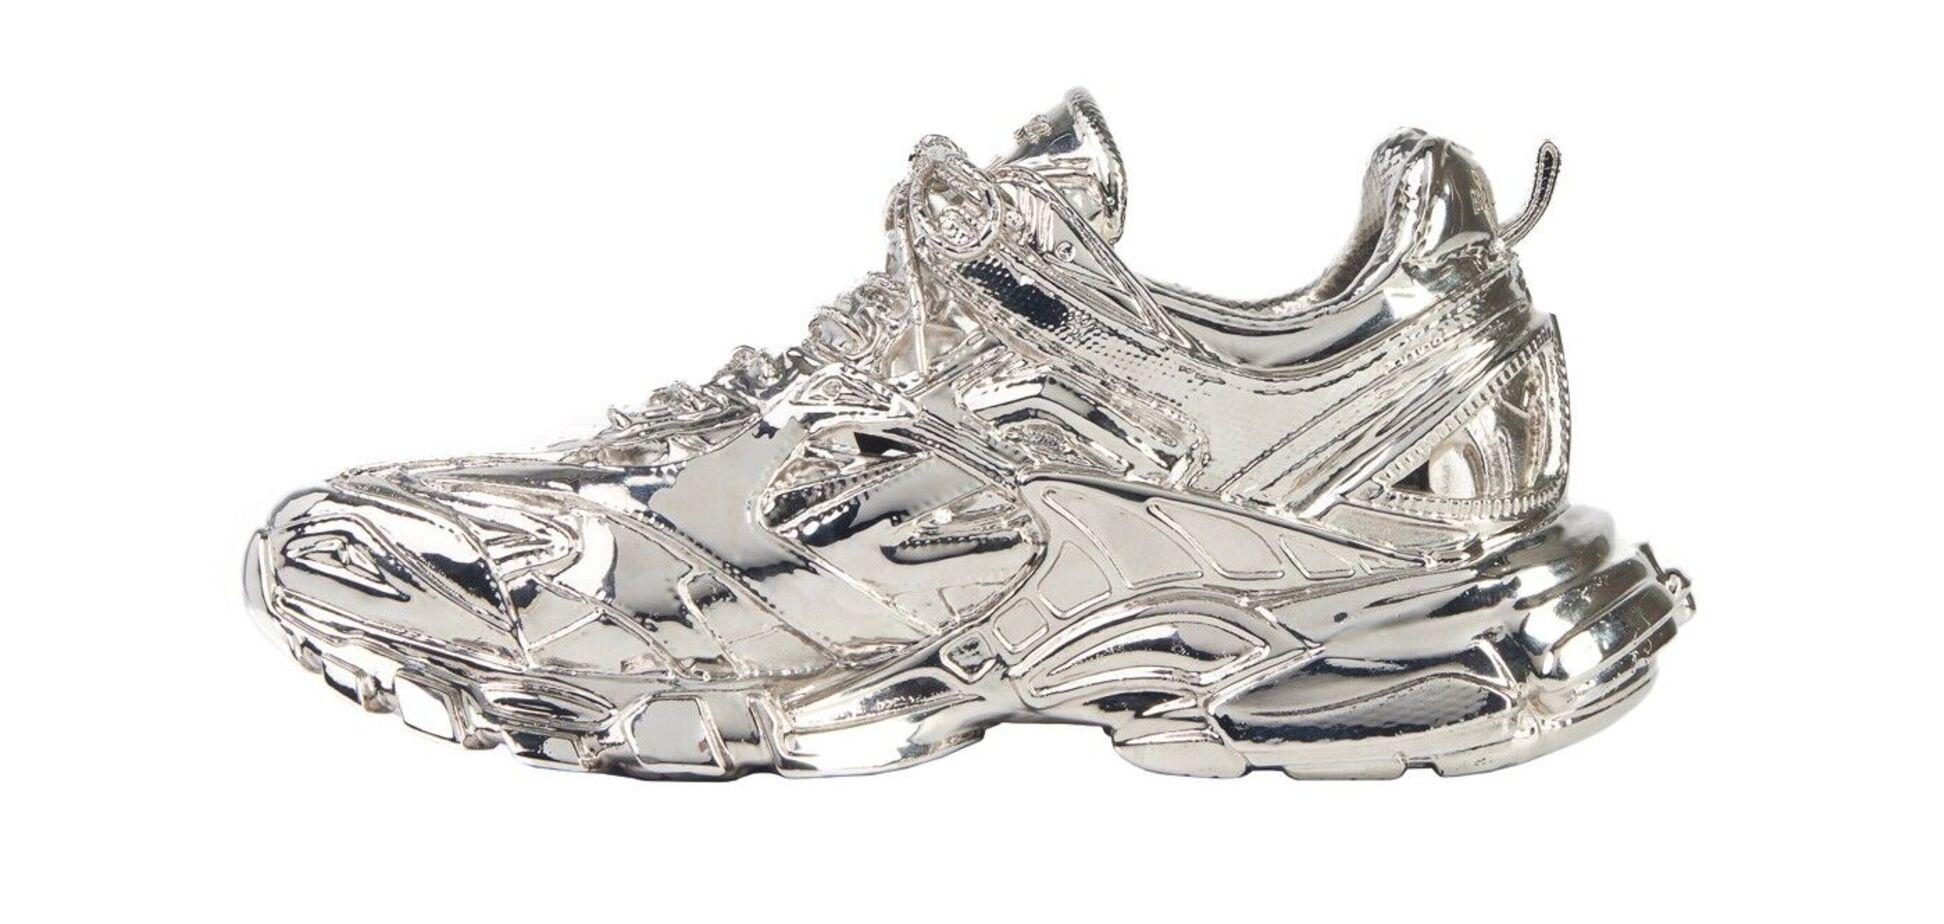 Известный бренд выпустил кроссовки за 5750 долларов: как они выглядят